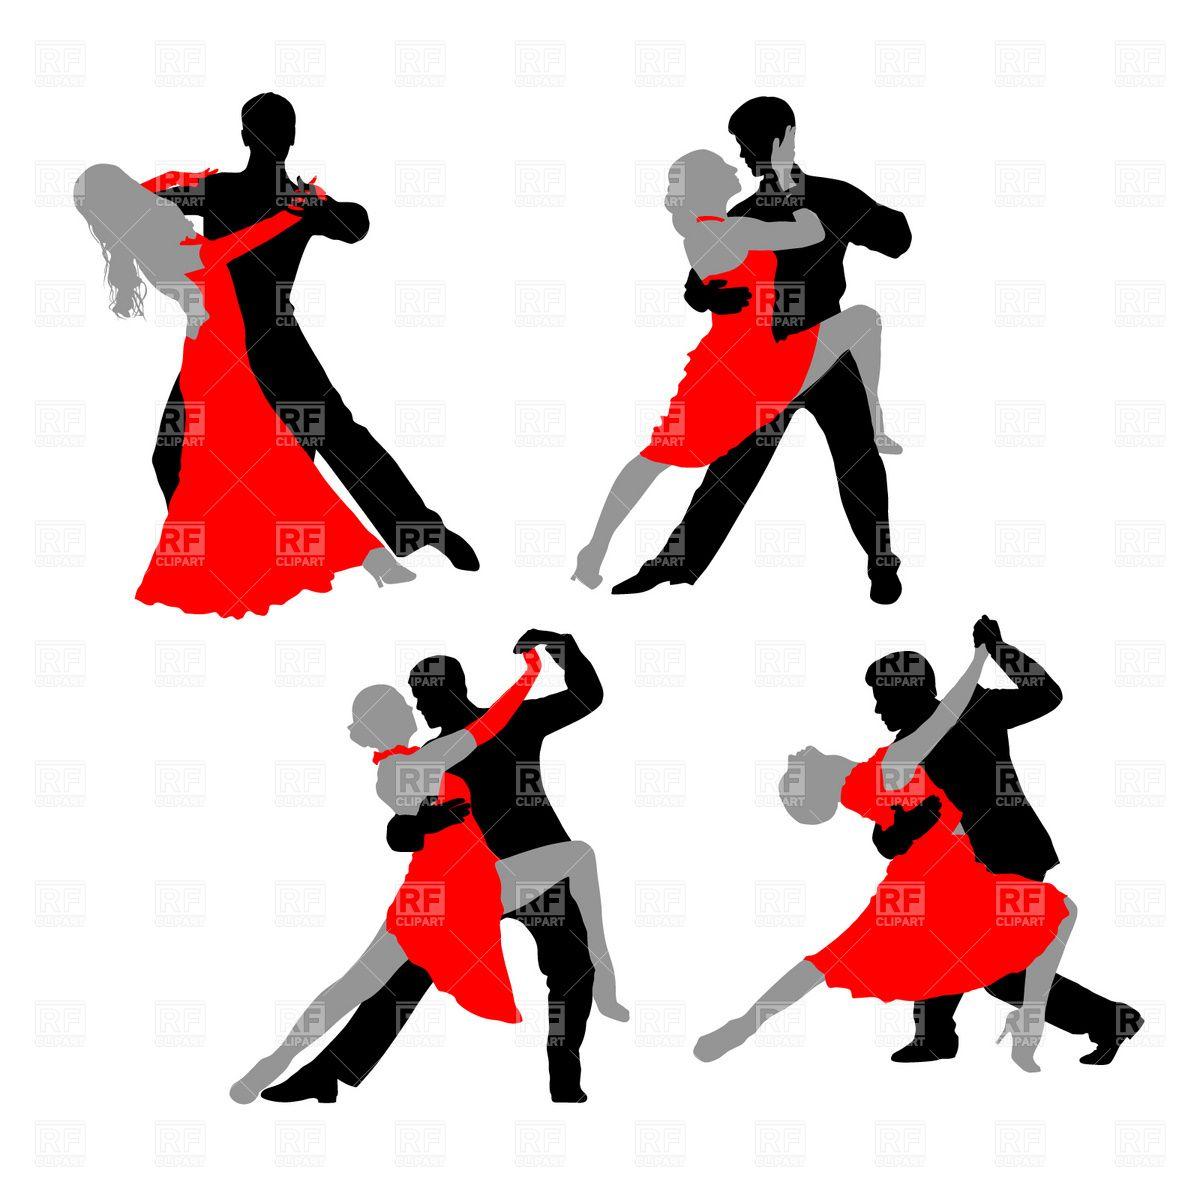 1200x1200 Resultado De Imagen Para Abstract Image Of A Tango Dancer